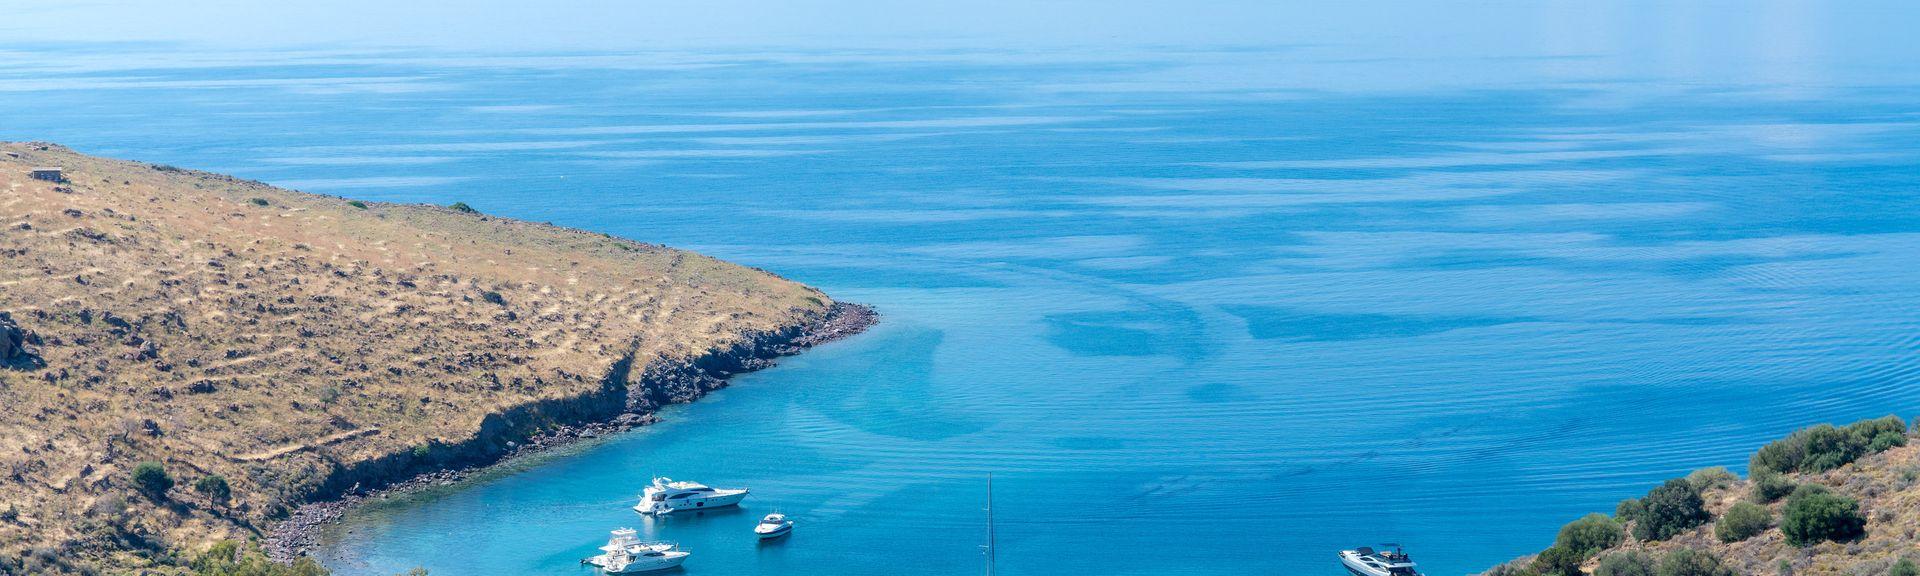 Poros, Ática, Grecia